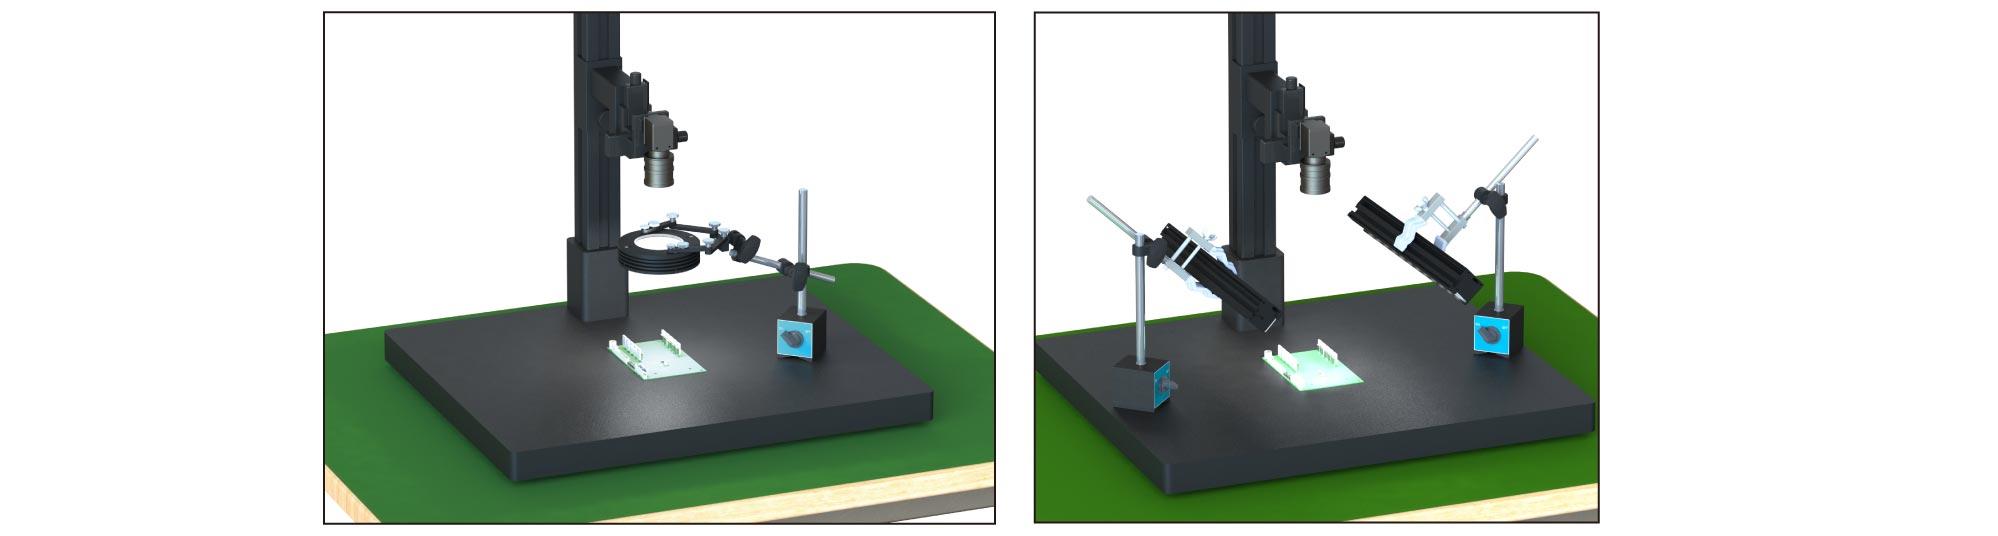 ImagingKit Product Description 01